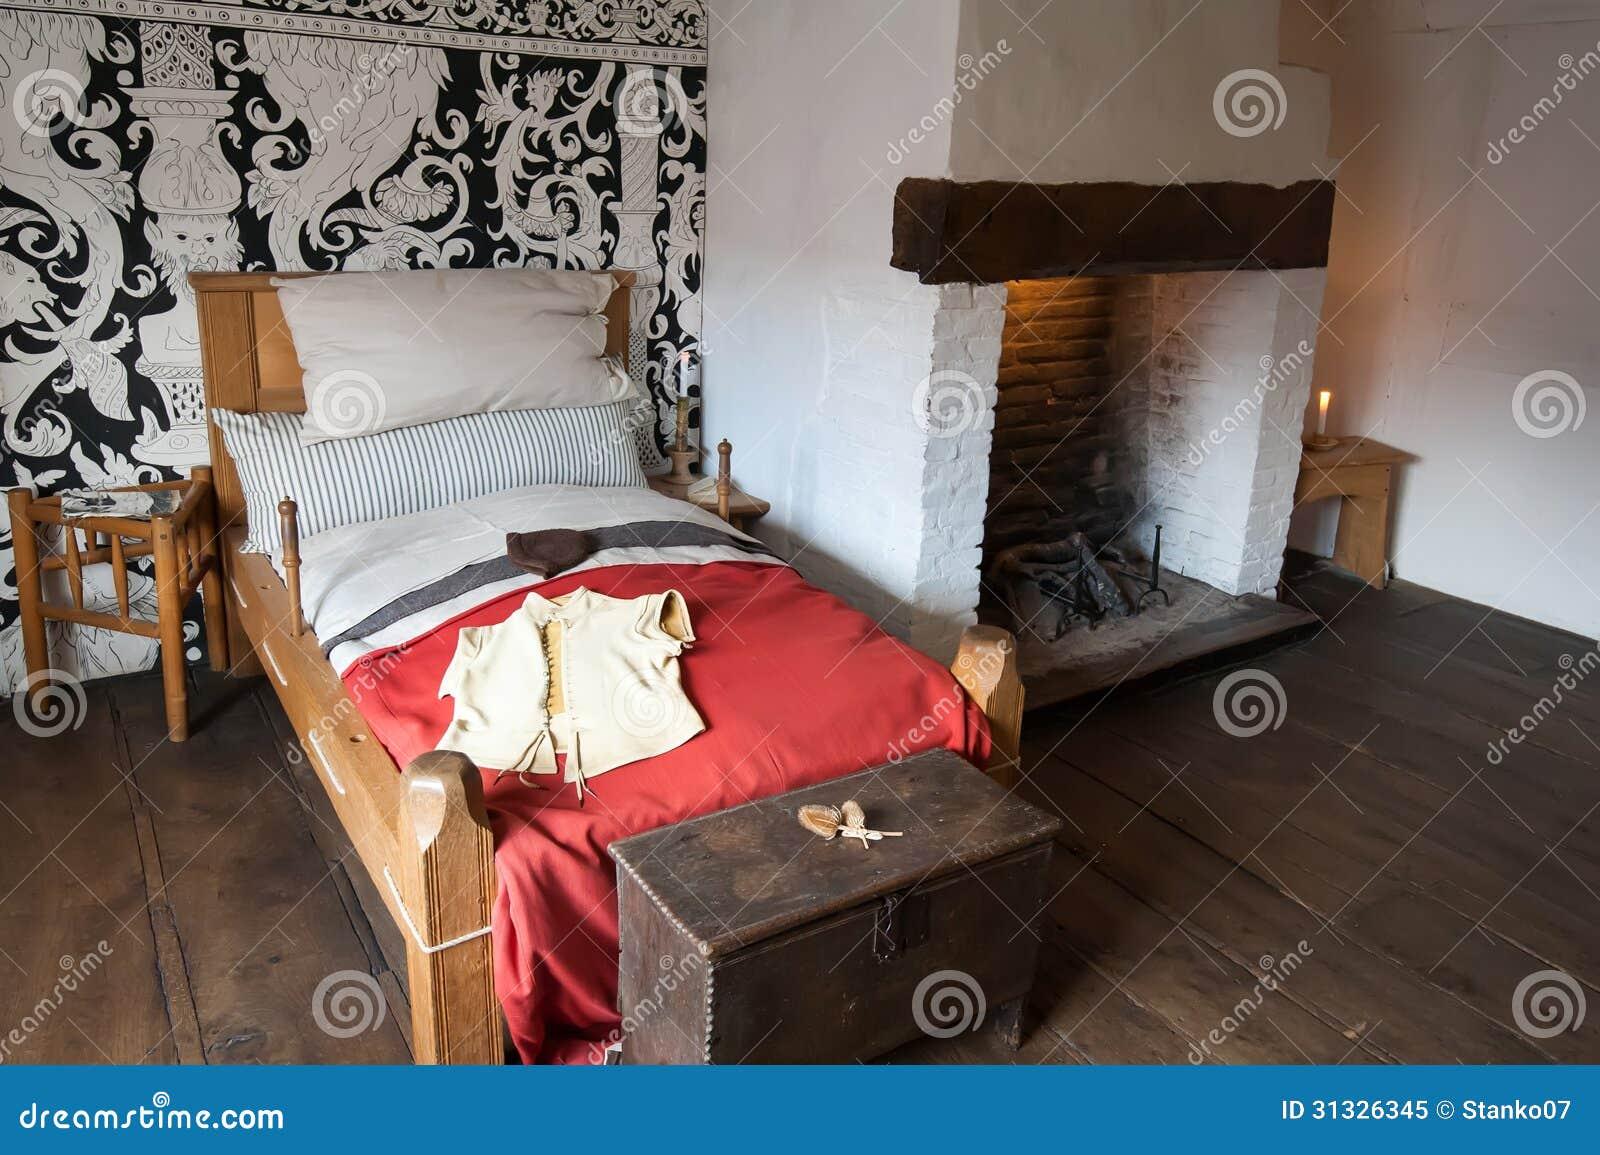 altes schlafzimmer lizenzfreies stockfoto - bild: 31326345, Schlafzimmer